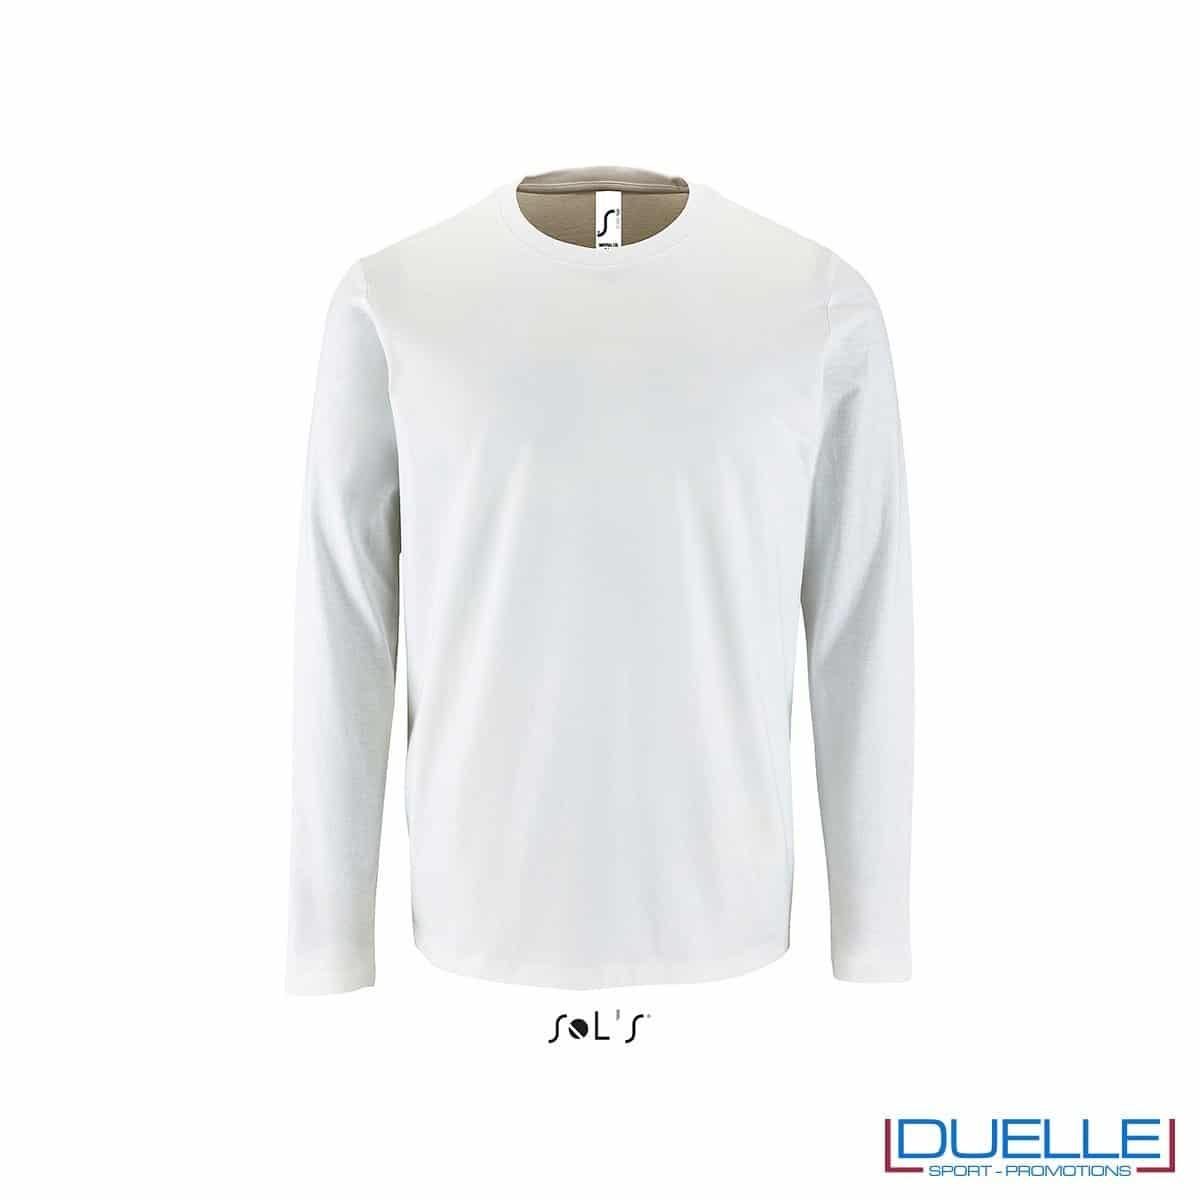 T-shirt manica lunga uomo personalizzata colore bianco